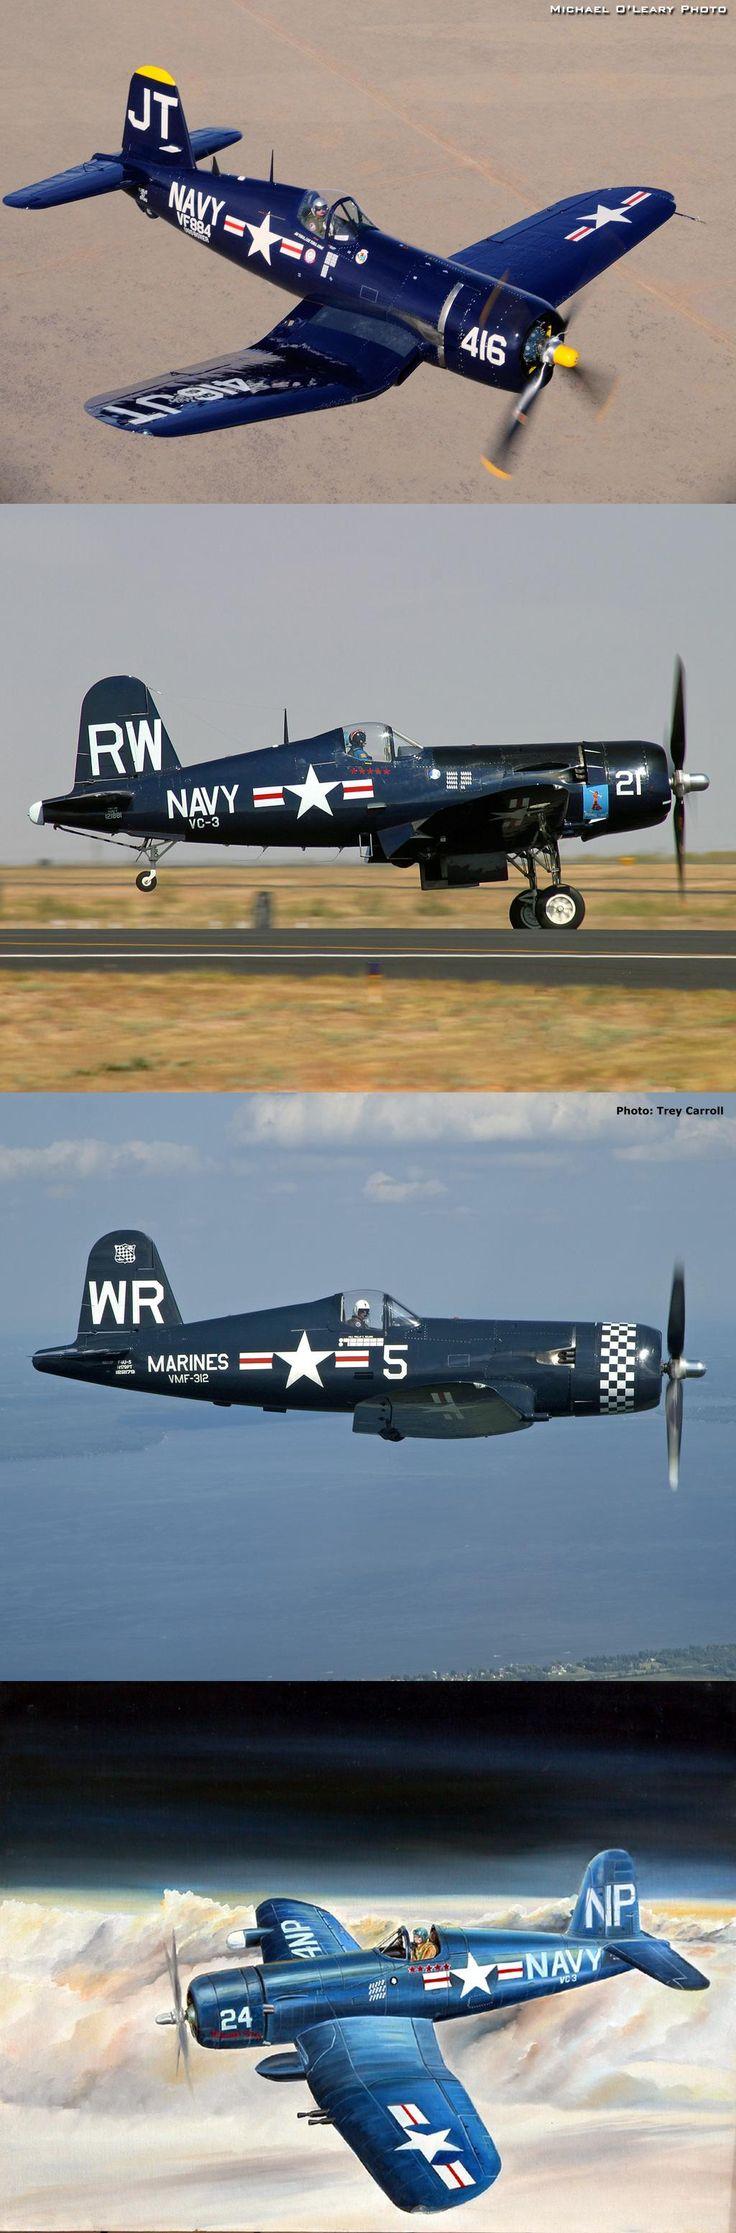 WW II Aircraft Aluminum Nose Art!   F4U Corsair F4U-1A Big Hog http://aircraftaluminumart.com/big-hog-f4u-1a/